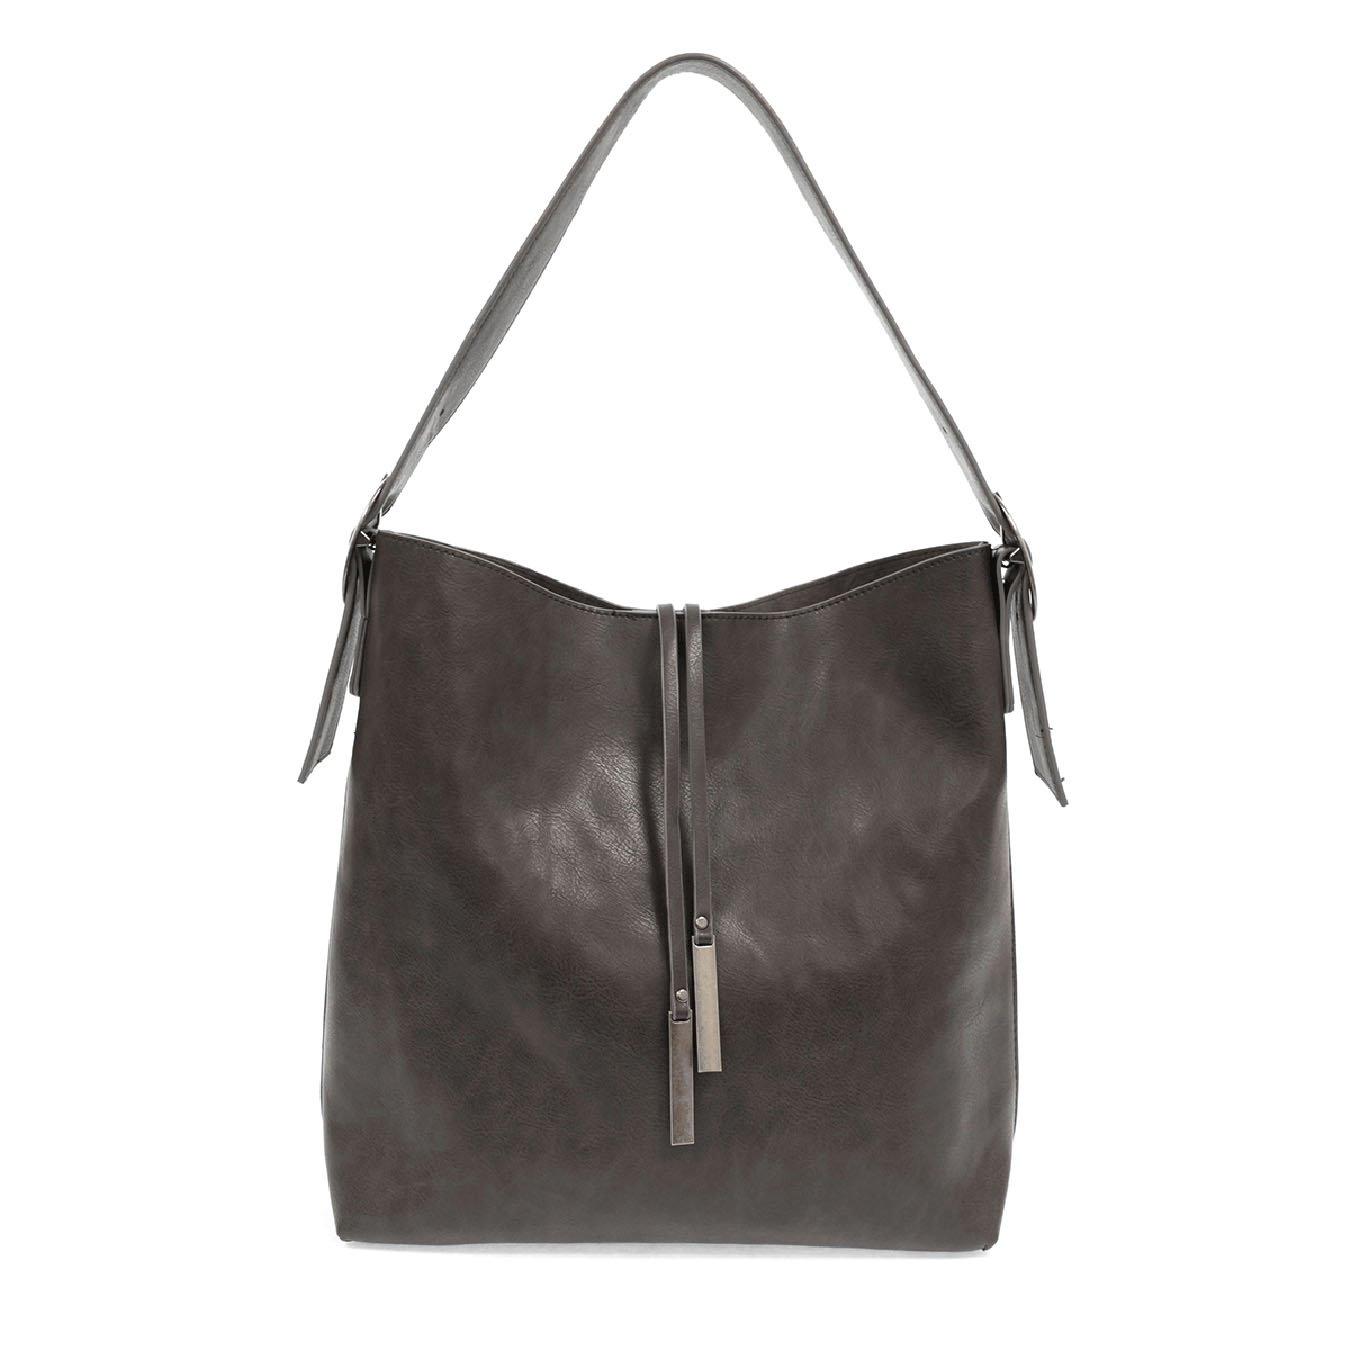 Charcoal Jillian Hobo Handbag with Tassel